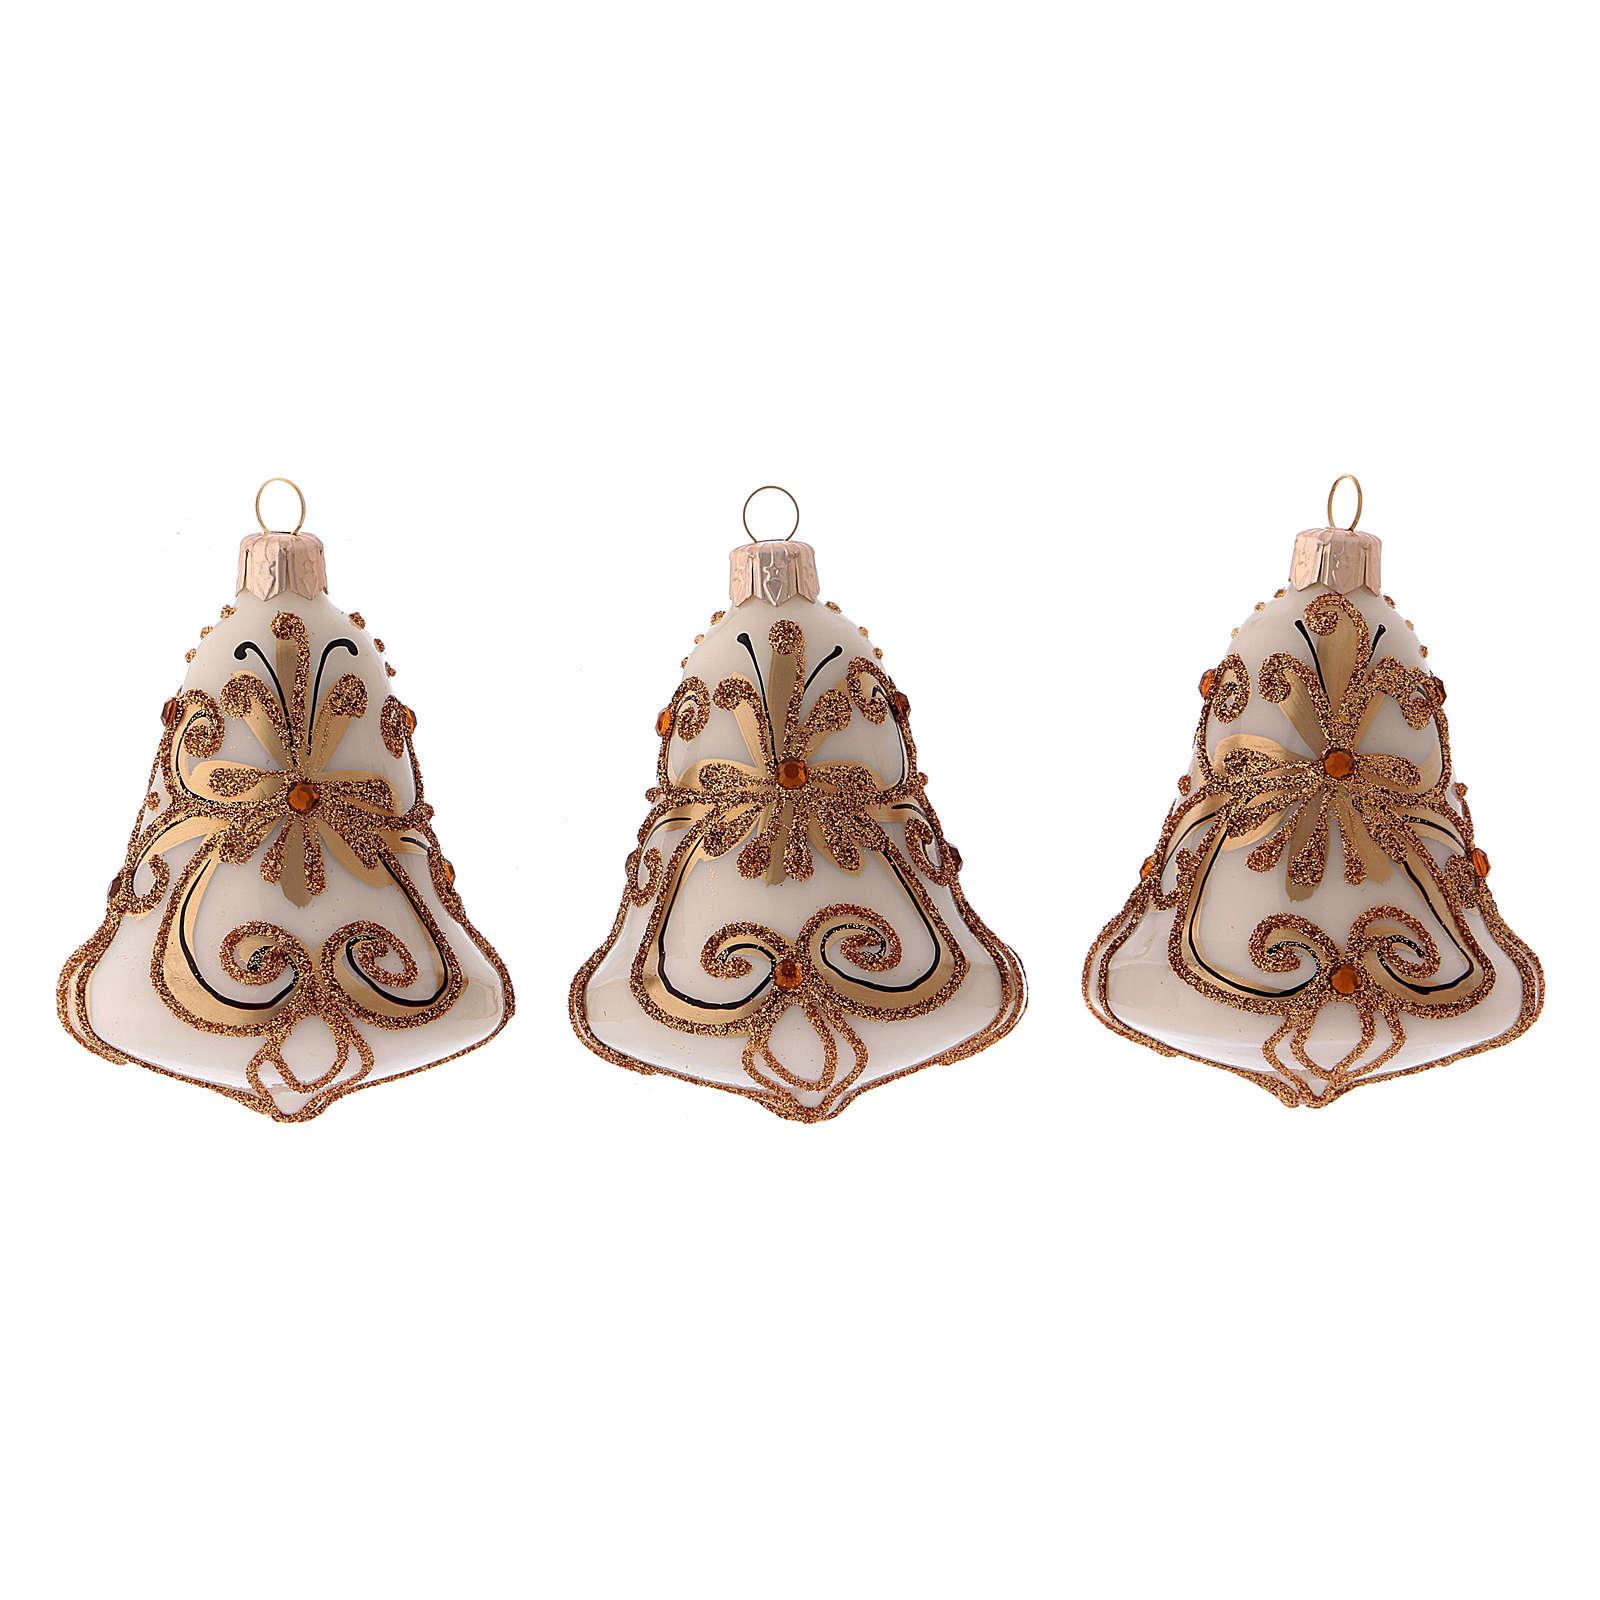 Boîte 3 boules de Noël en verre soufflé cloche blanche et or 4